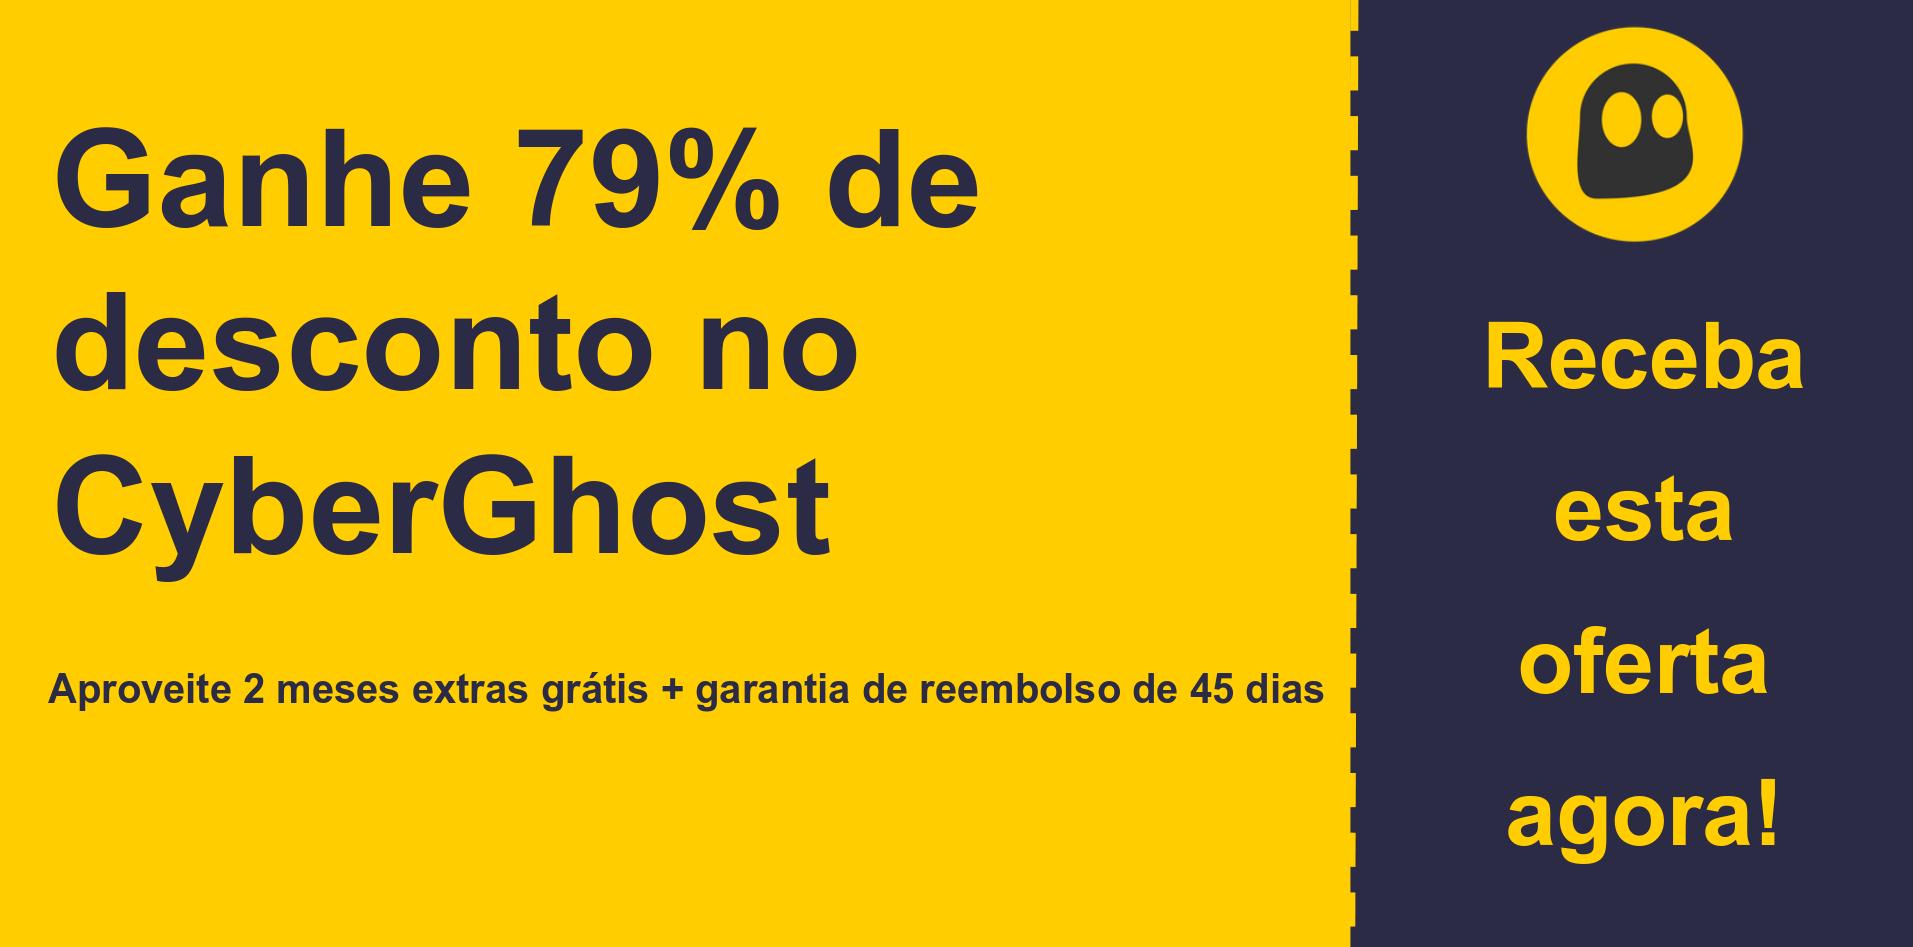 gráfico do banner do cupom principal do CyberGhostVPN mostrando 79% de desconto